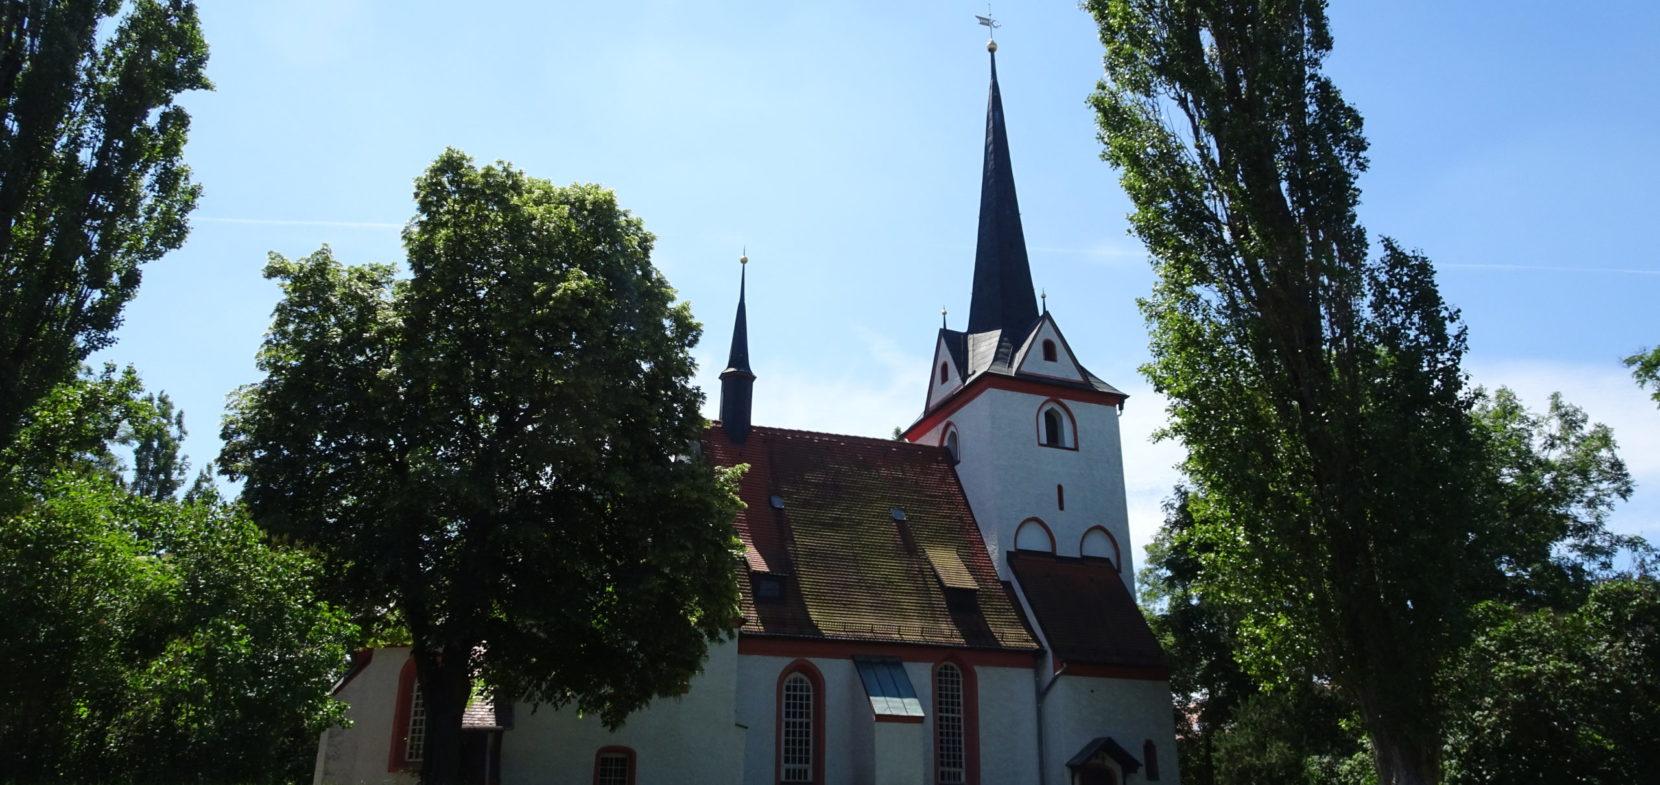 Gnadenkirche Wahren